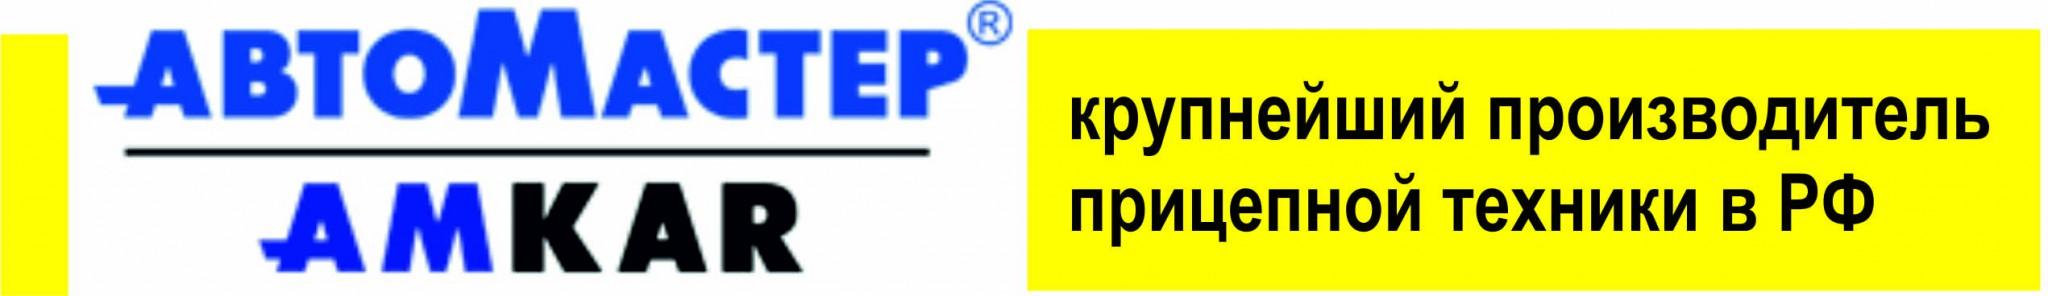 АМКАР Шапка1